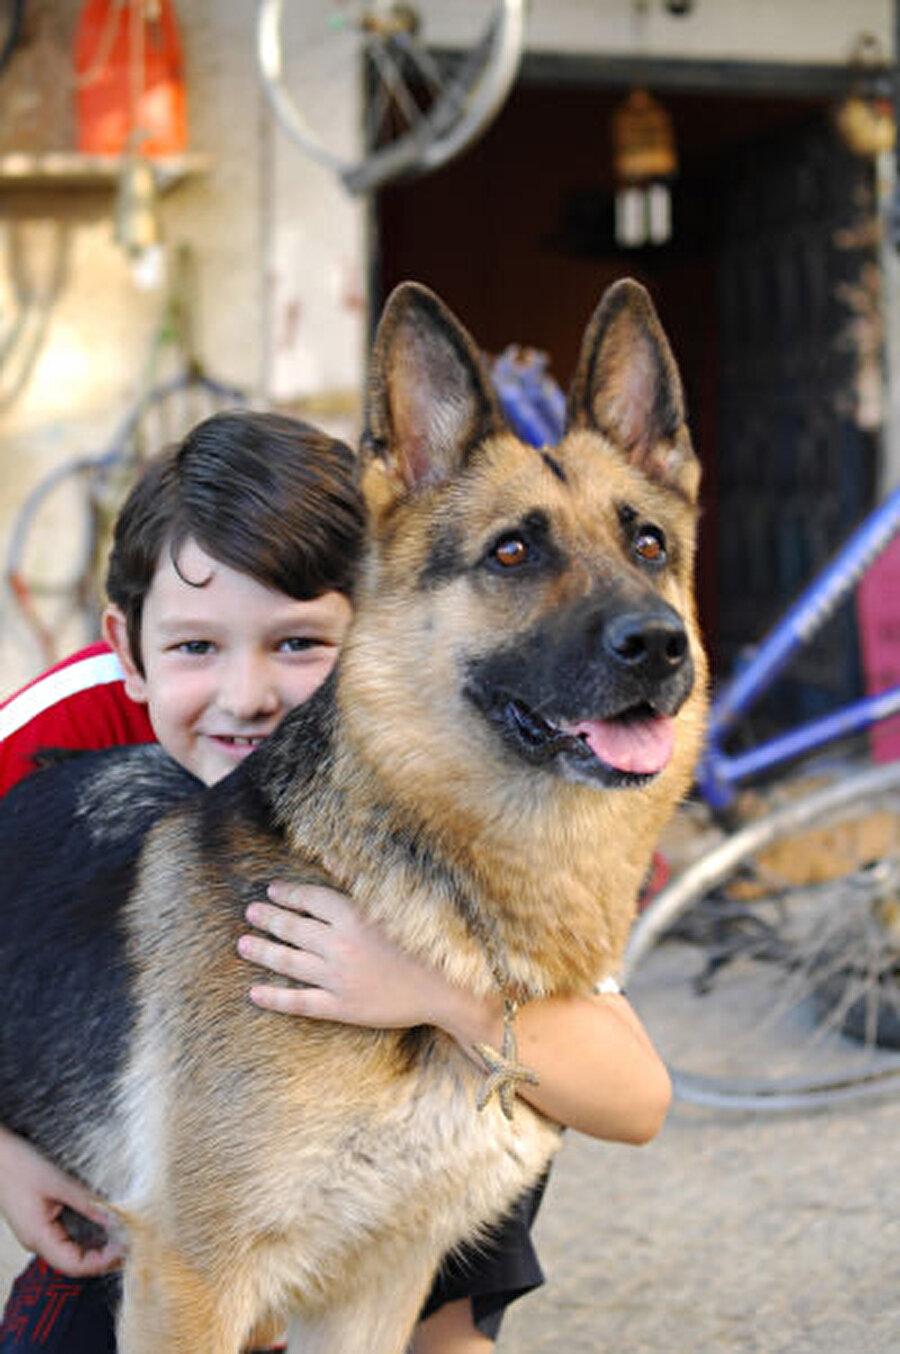 Pulsar: Ekran ömrü uzun sürmese de unutulmayan oyuncu köpeklerden birisi olmuştu Pulsar da.